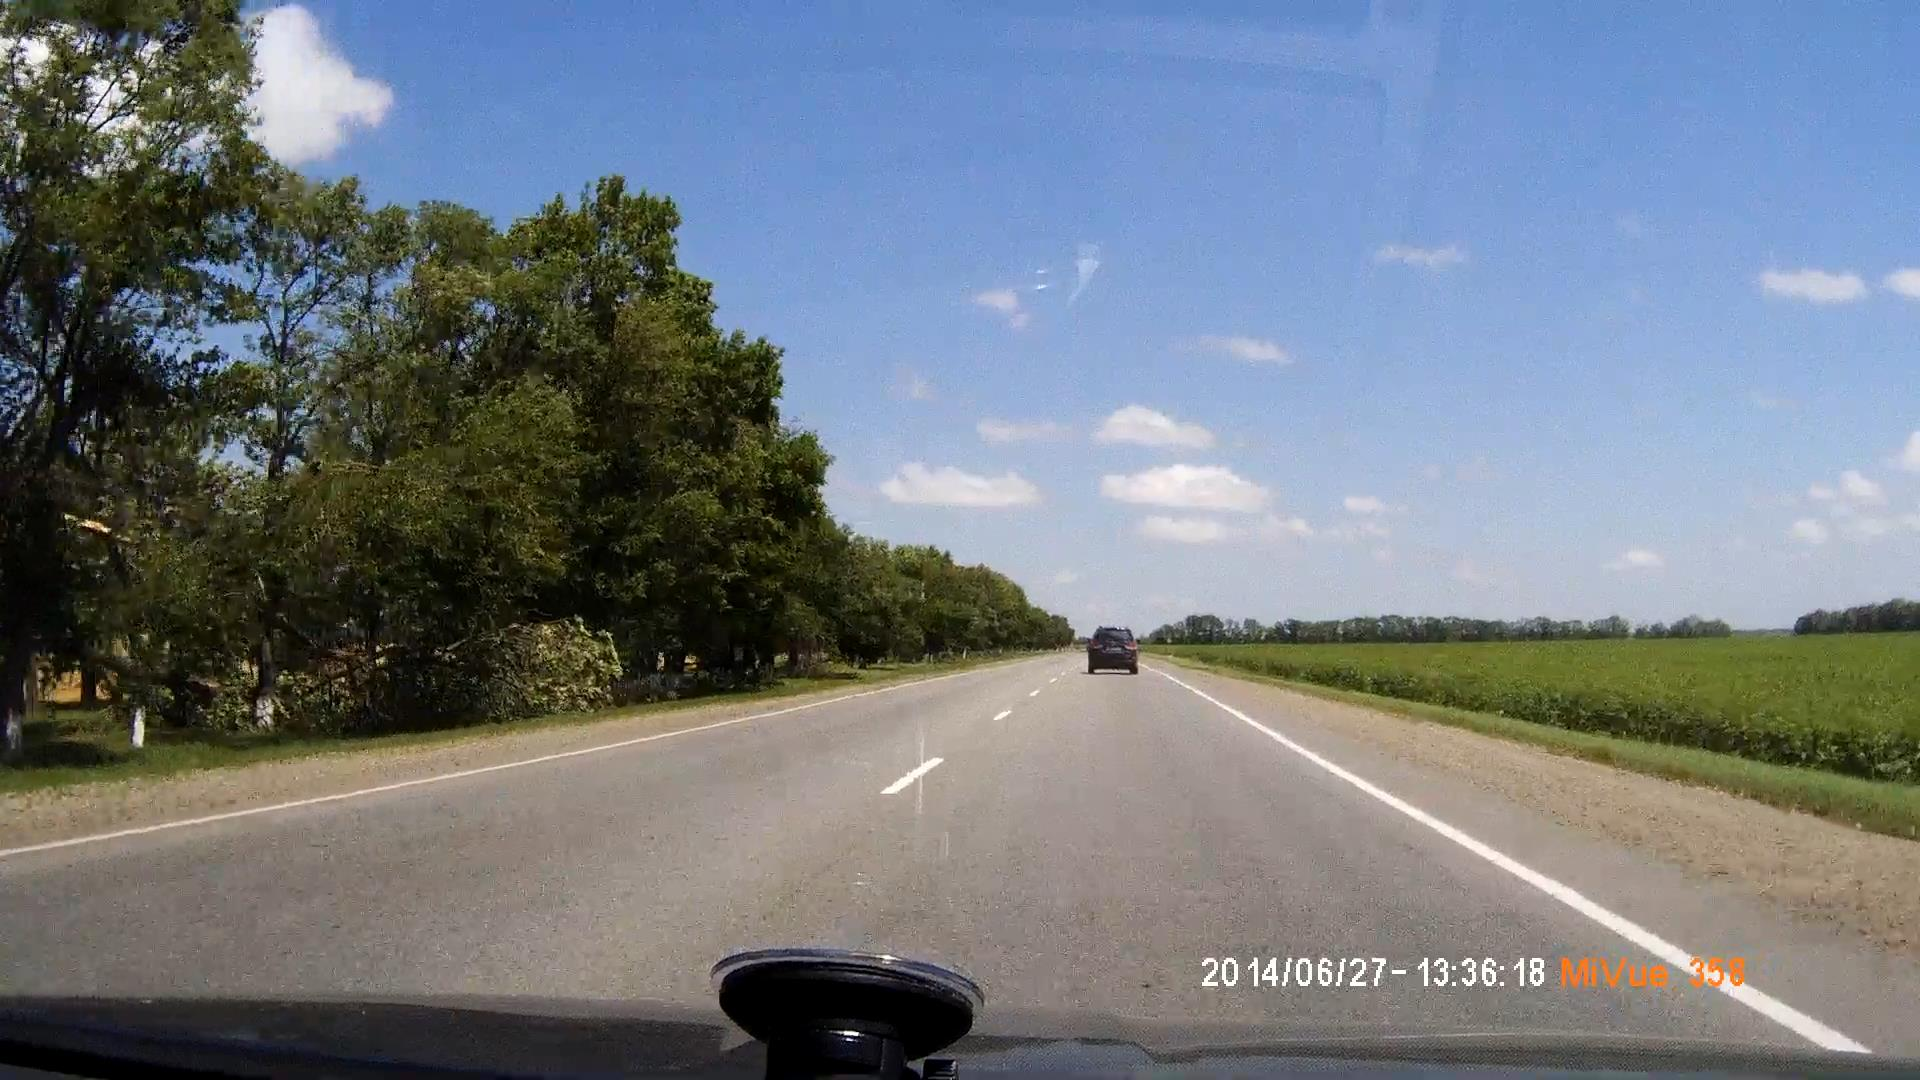 http://sa.uploads.ru/Azcjv.jpg